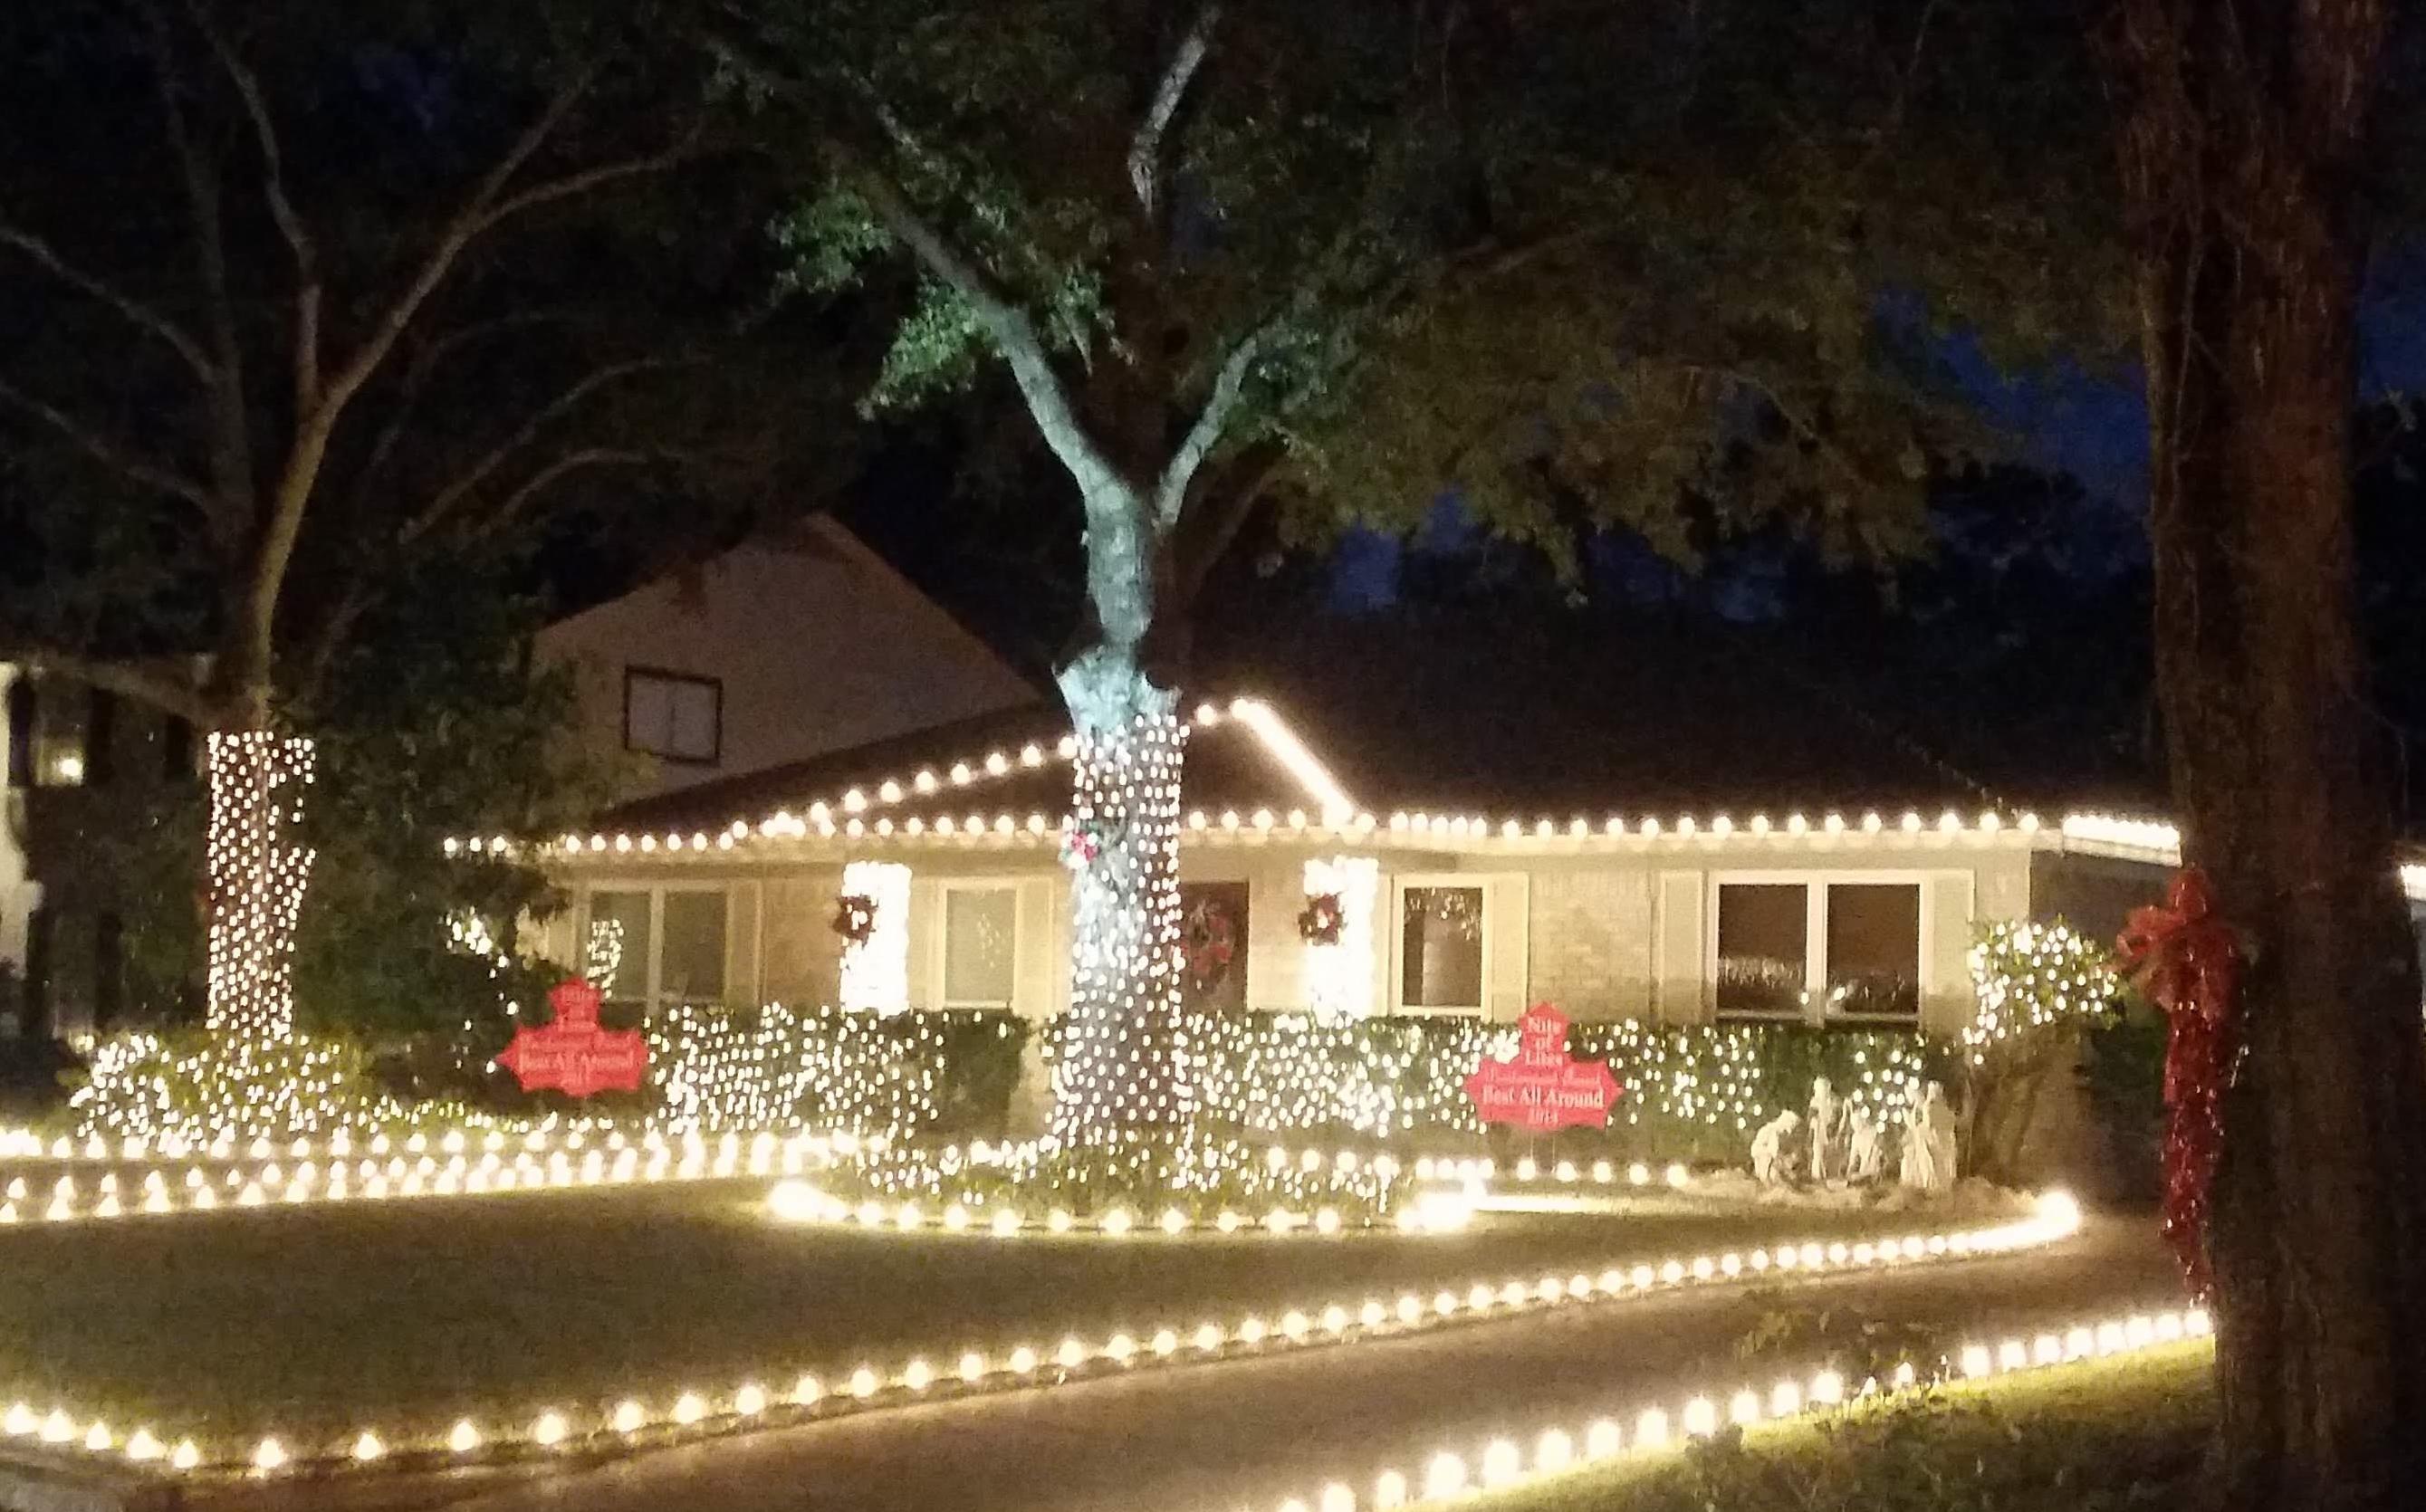 Fotos Casas Decoradas Navidad.Fotos A Prueba La Creatividad Vecinos Compiten Por La